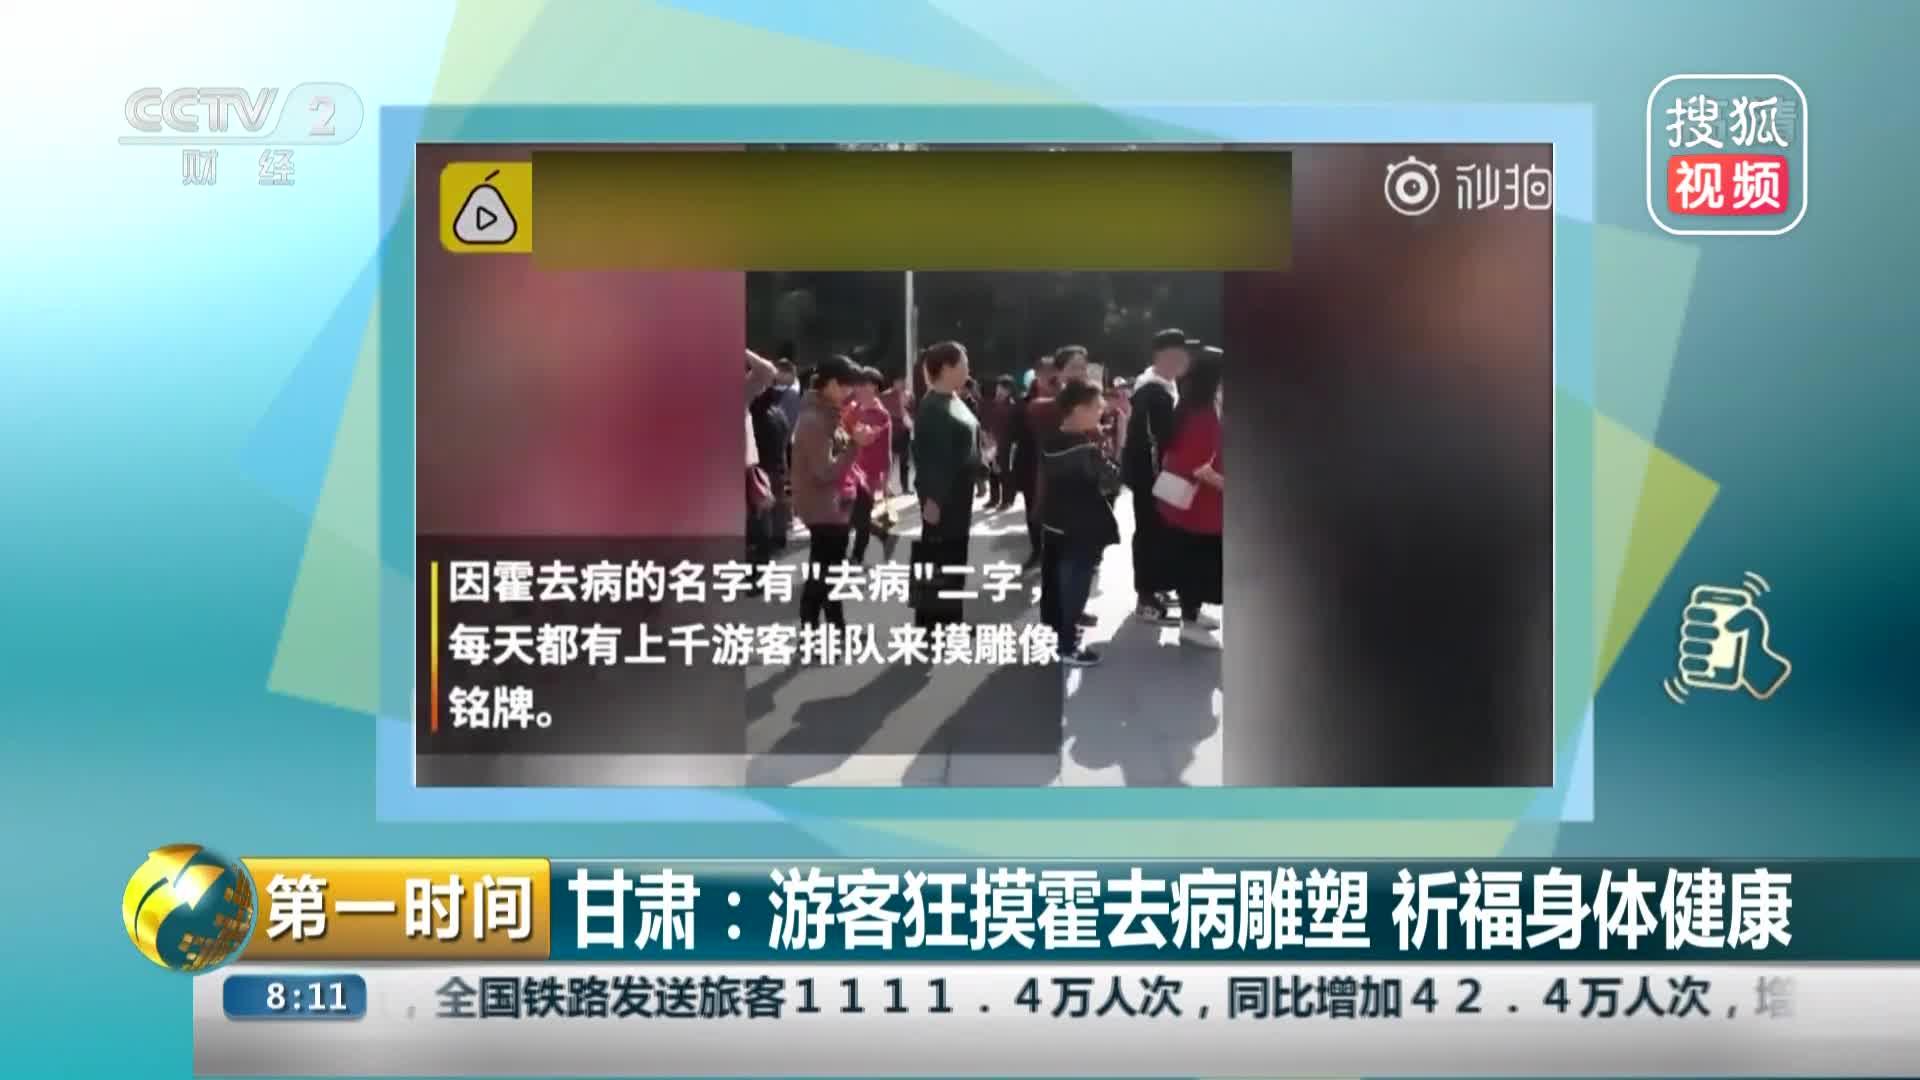 [视频]甘肃:游客狂摸霍去病雕塑 祈福身体健康